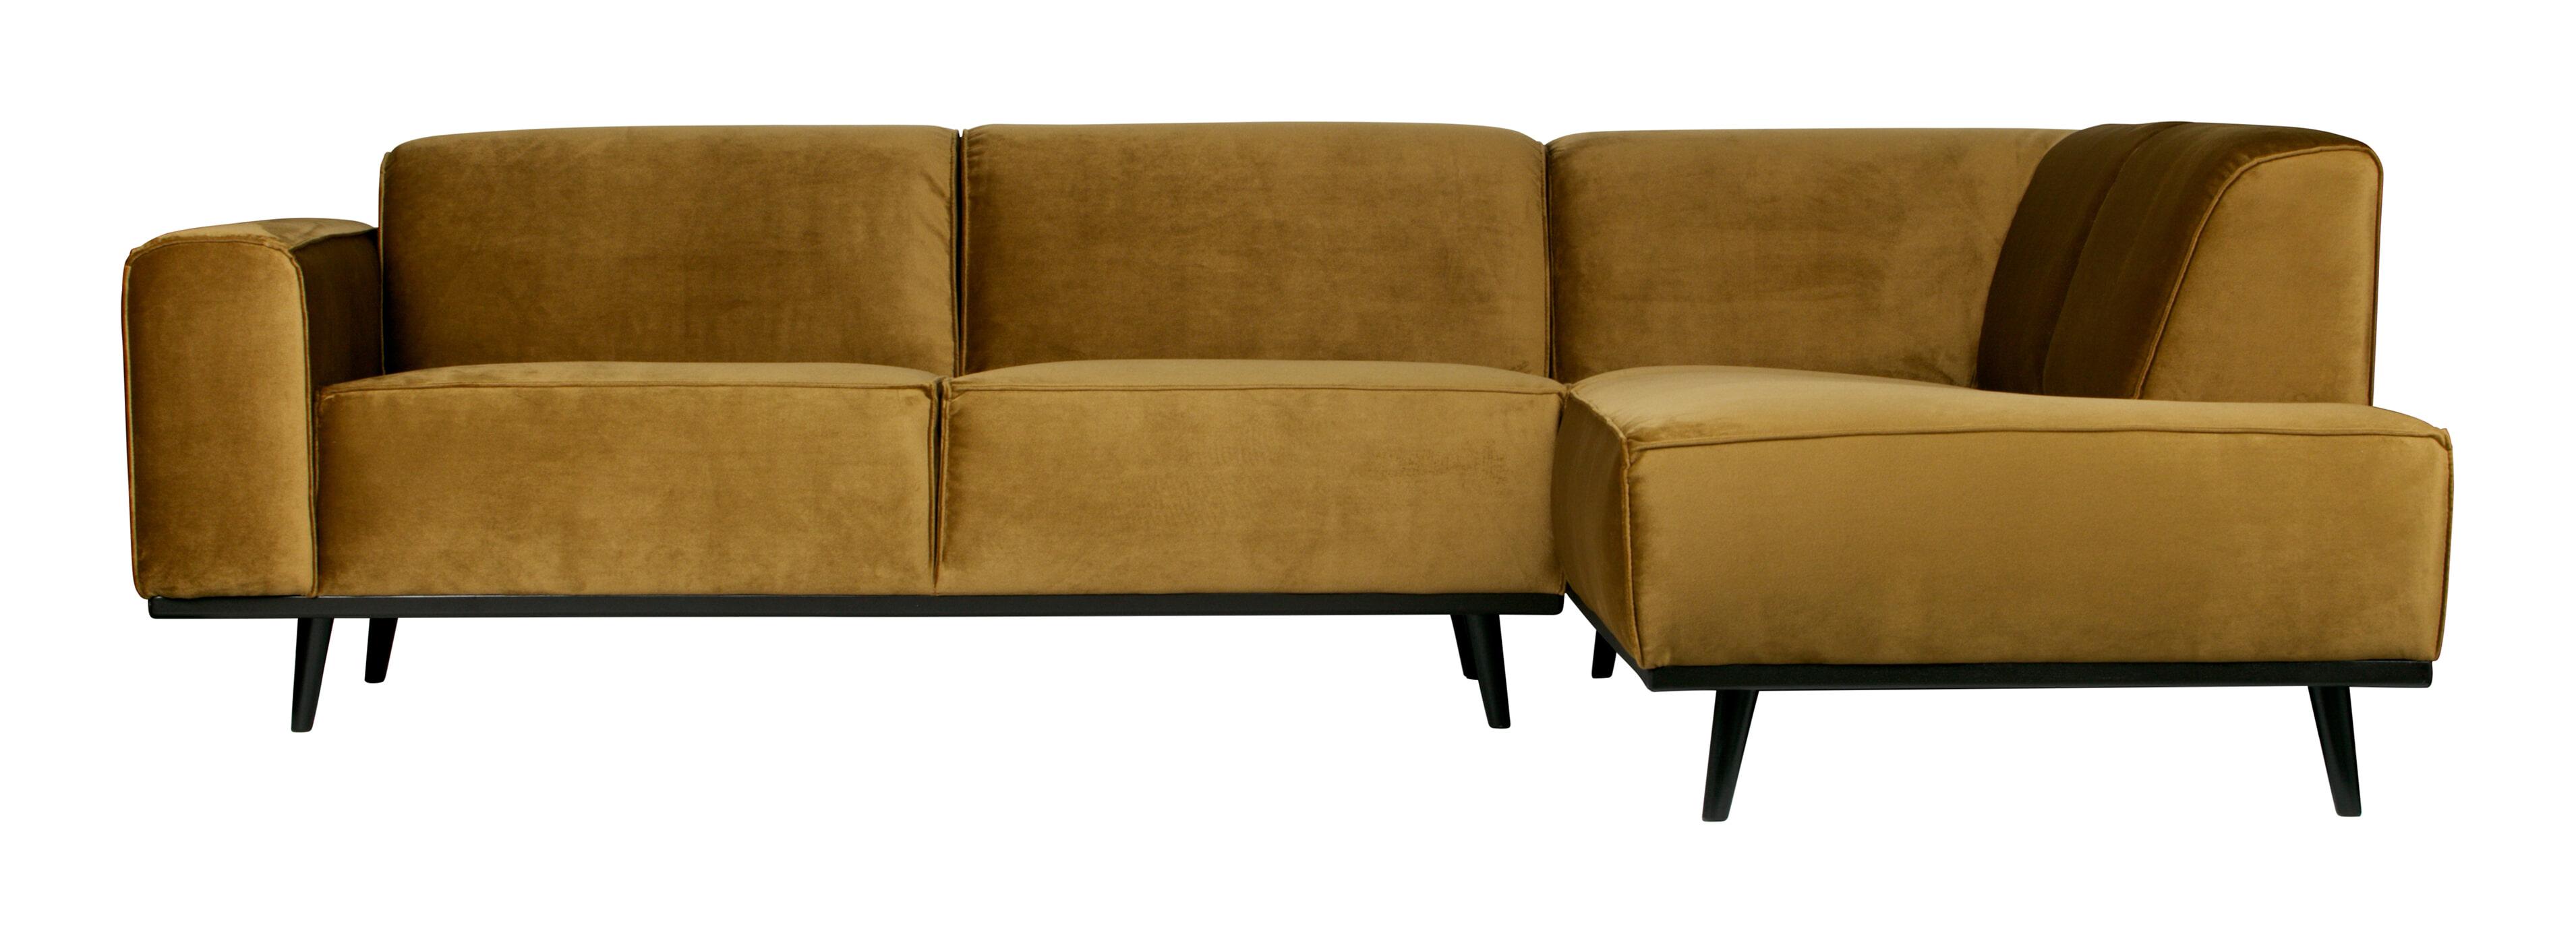 BePureHome Loungebank 'Statement' Rechts, kleur Honing Geel